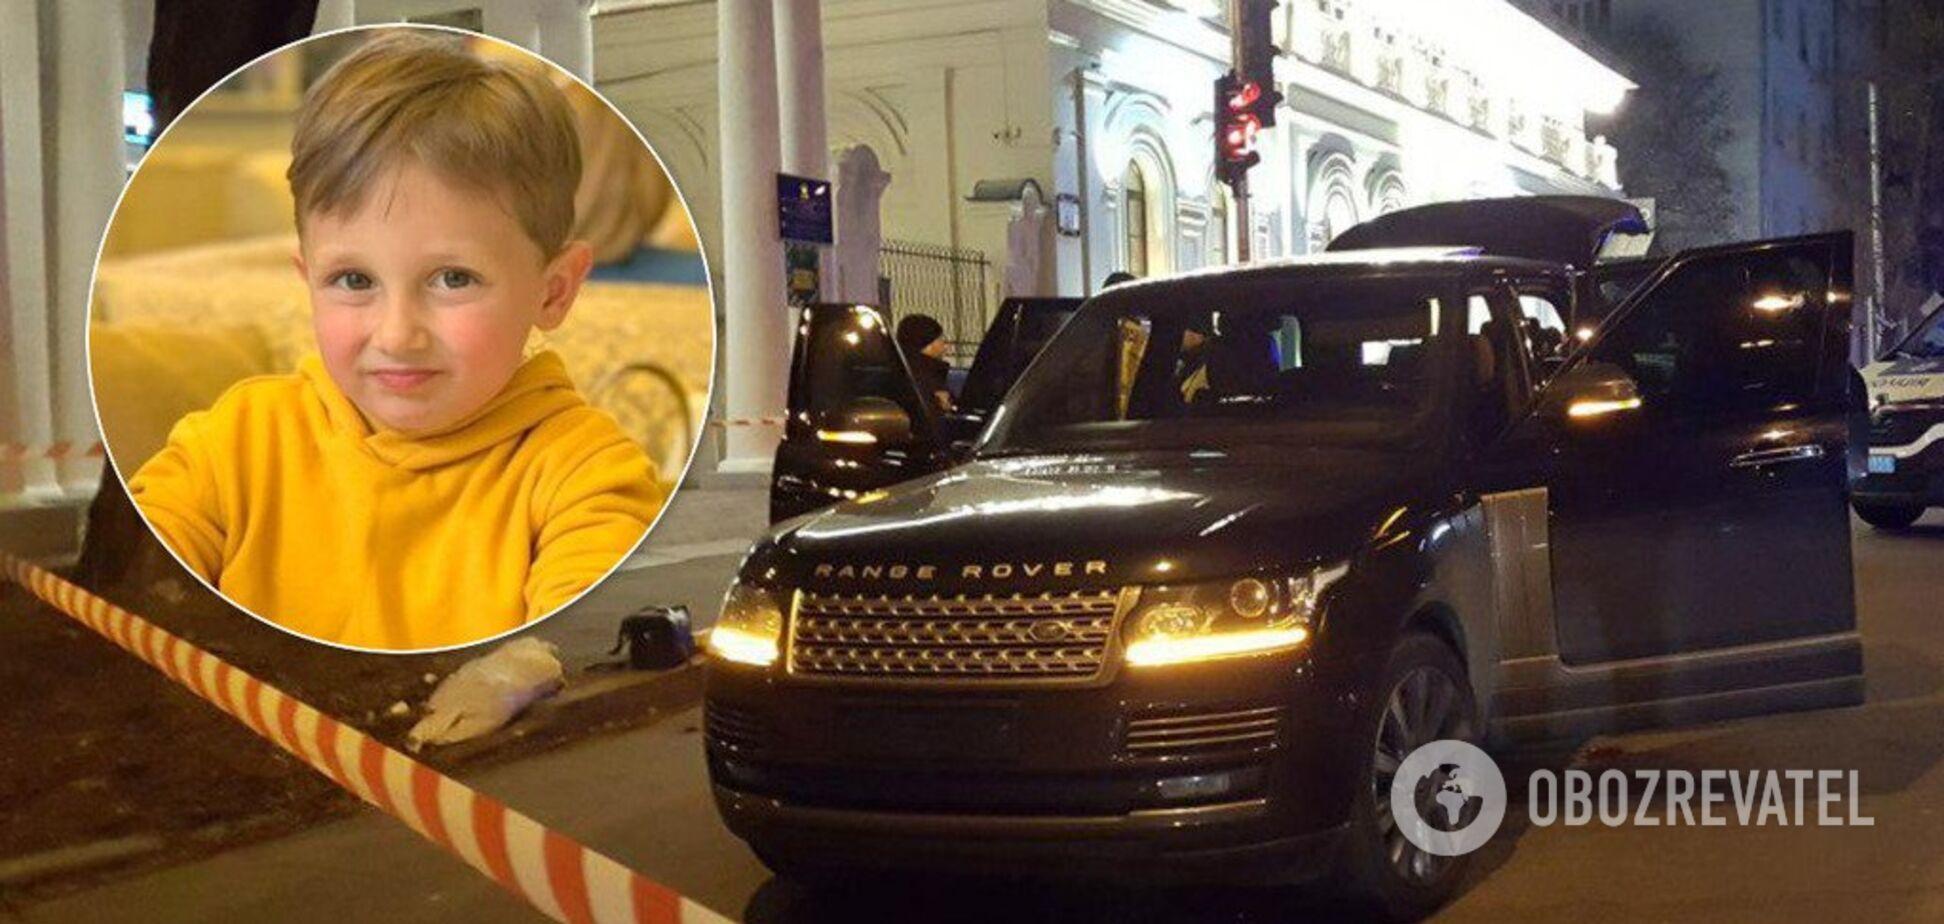 Загинула дитина: у справі про замах на Соболєва з'явився слід Росії